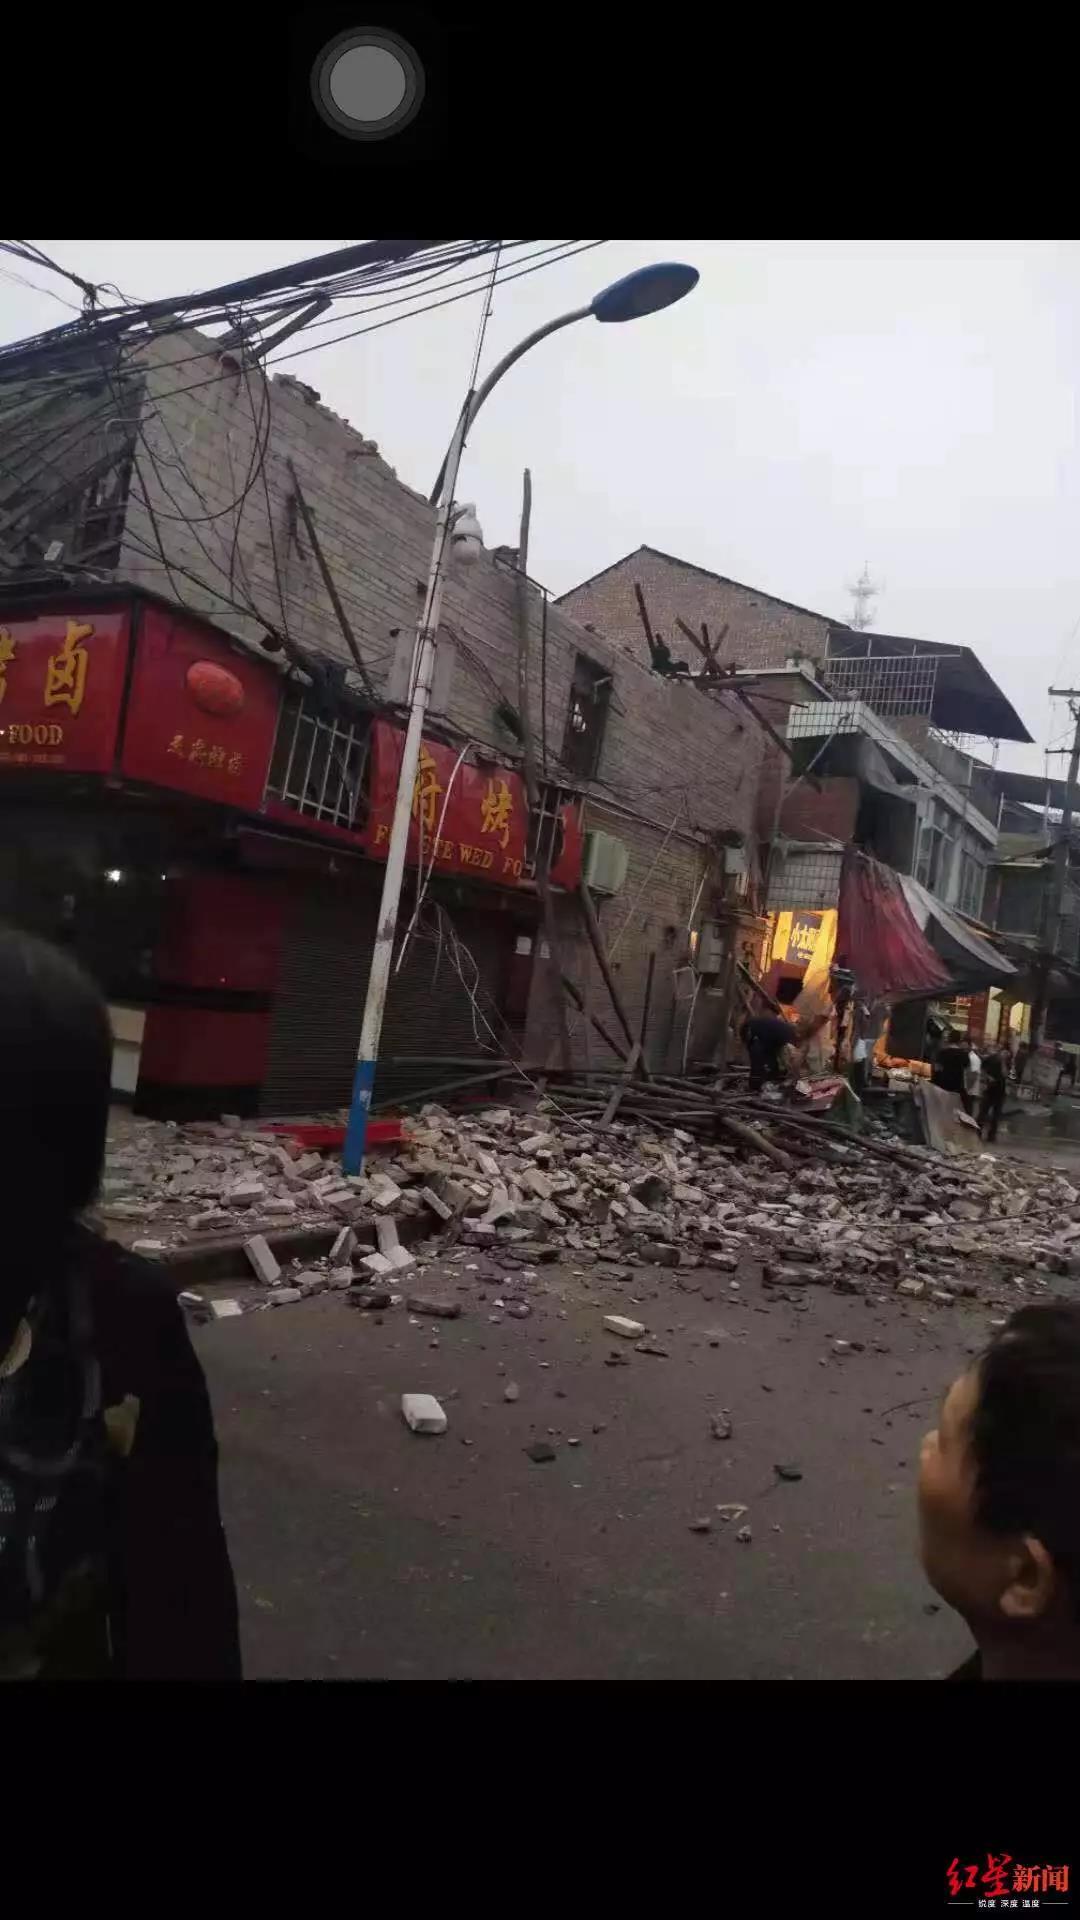 四川内江威远发生5.4级地震,已致28人受伤